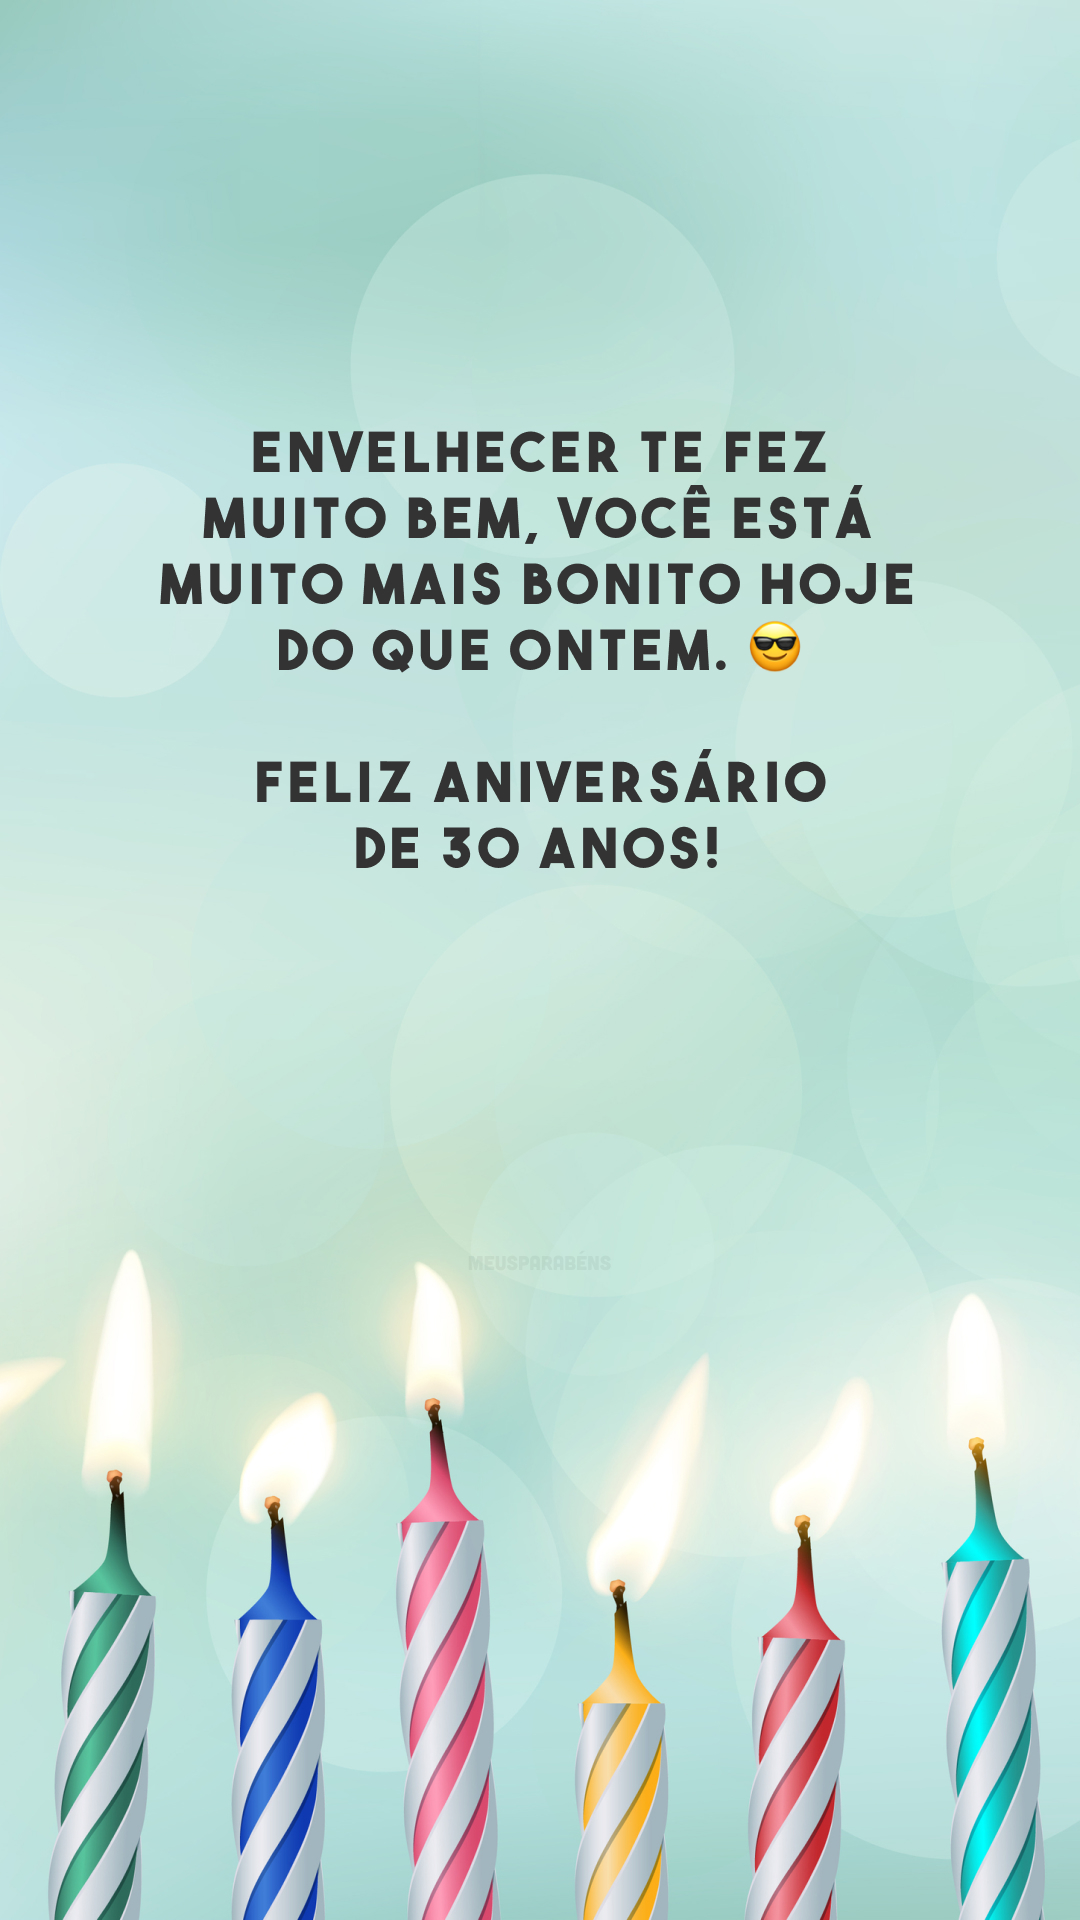 Envelhecer te fez muito bem, você está muito mais bonito hoje do que ontem. 😎 Feliz aniversário de 30 anos!